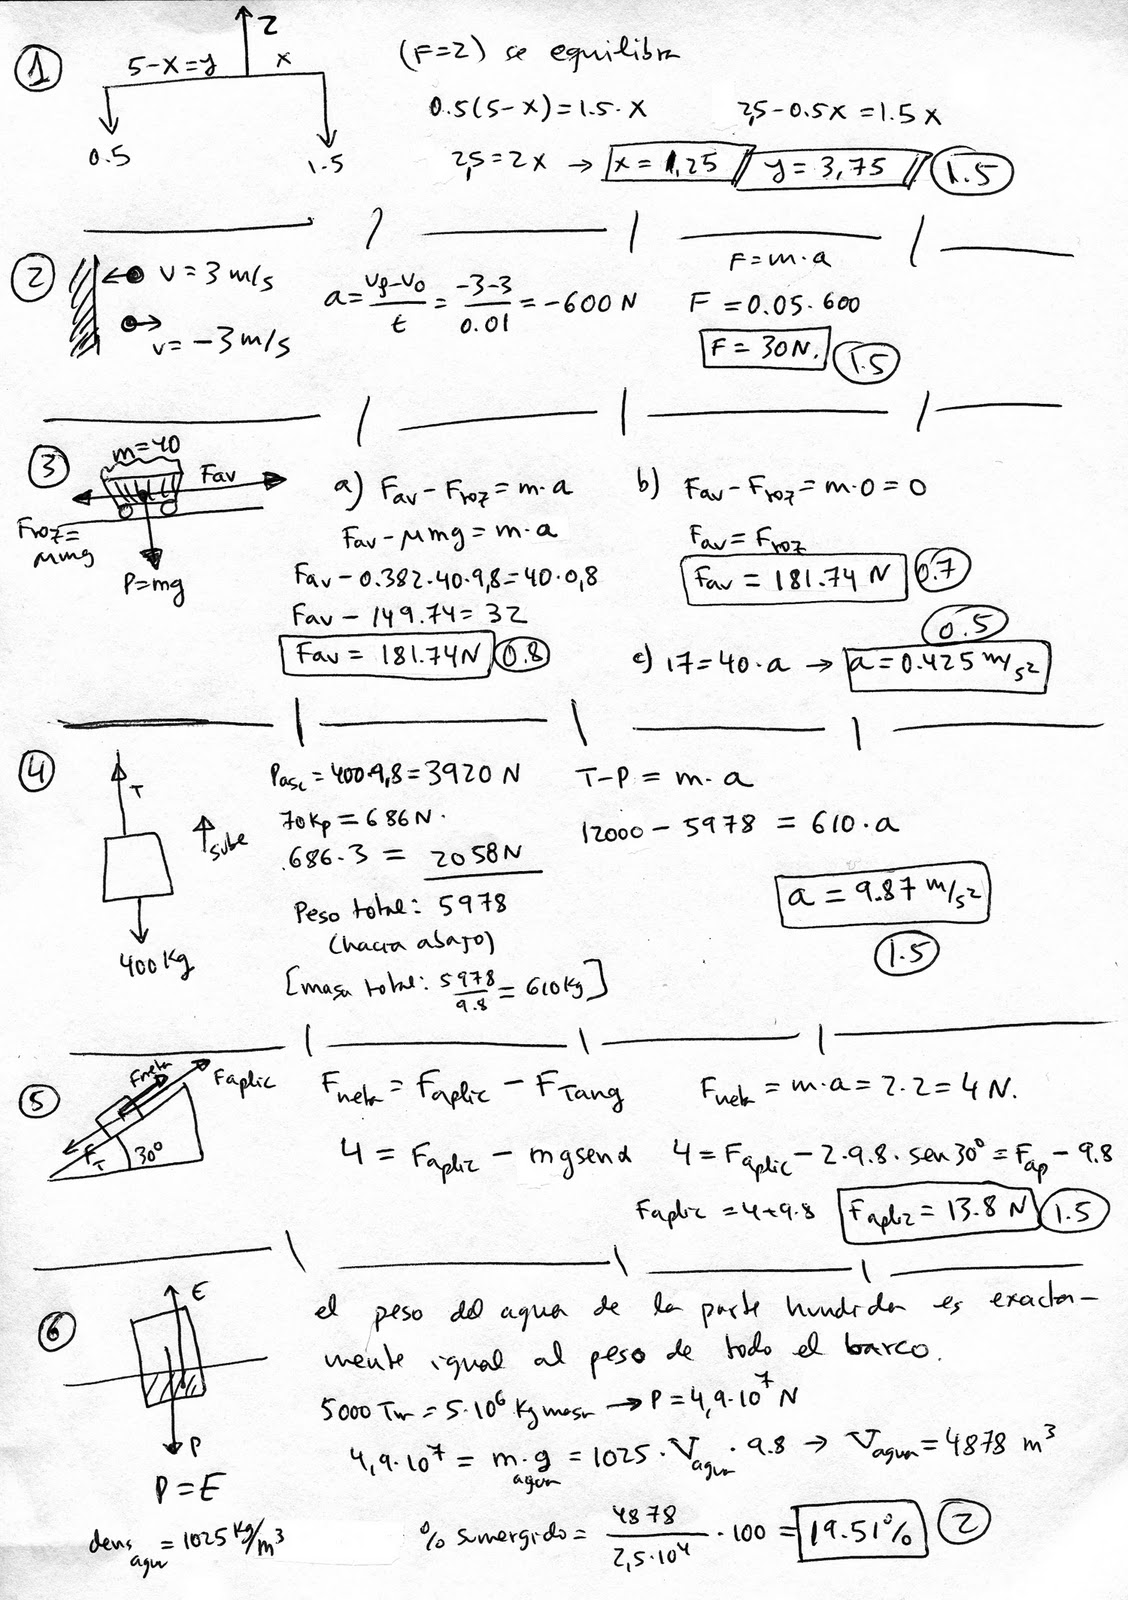 FISICA Y QUIMICA PARA ESTUDIANTES: Examen 4º ESO Física y Química